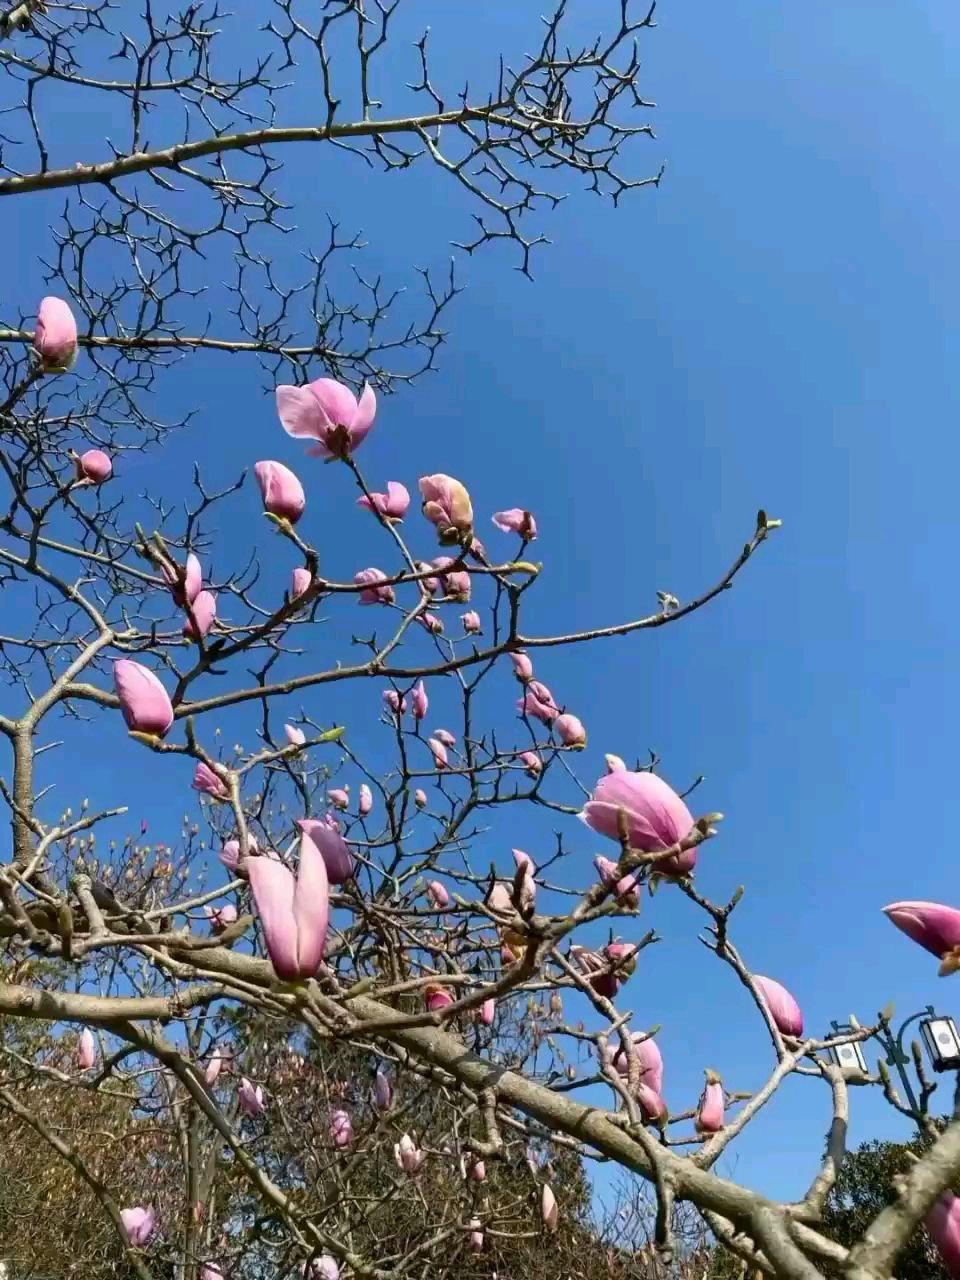 世间万物,有舍才有得 2月也许有失望,但3月更值得期待 命运不会亏待你的努力 闯过去,前方就是海阔天空!